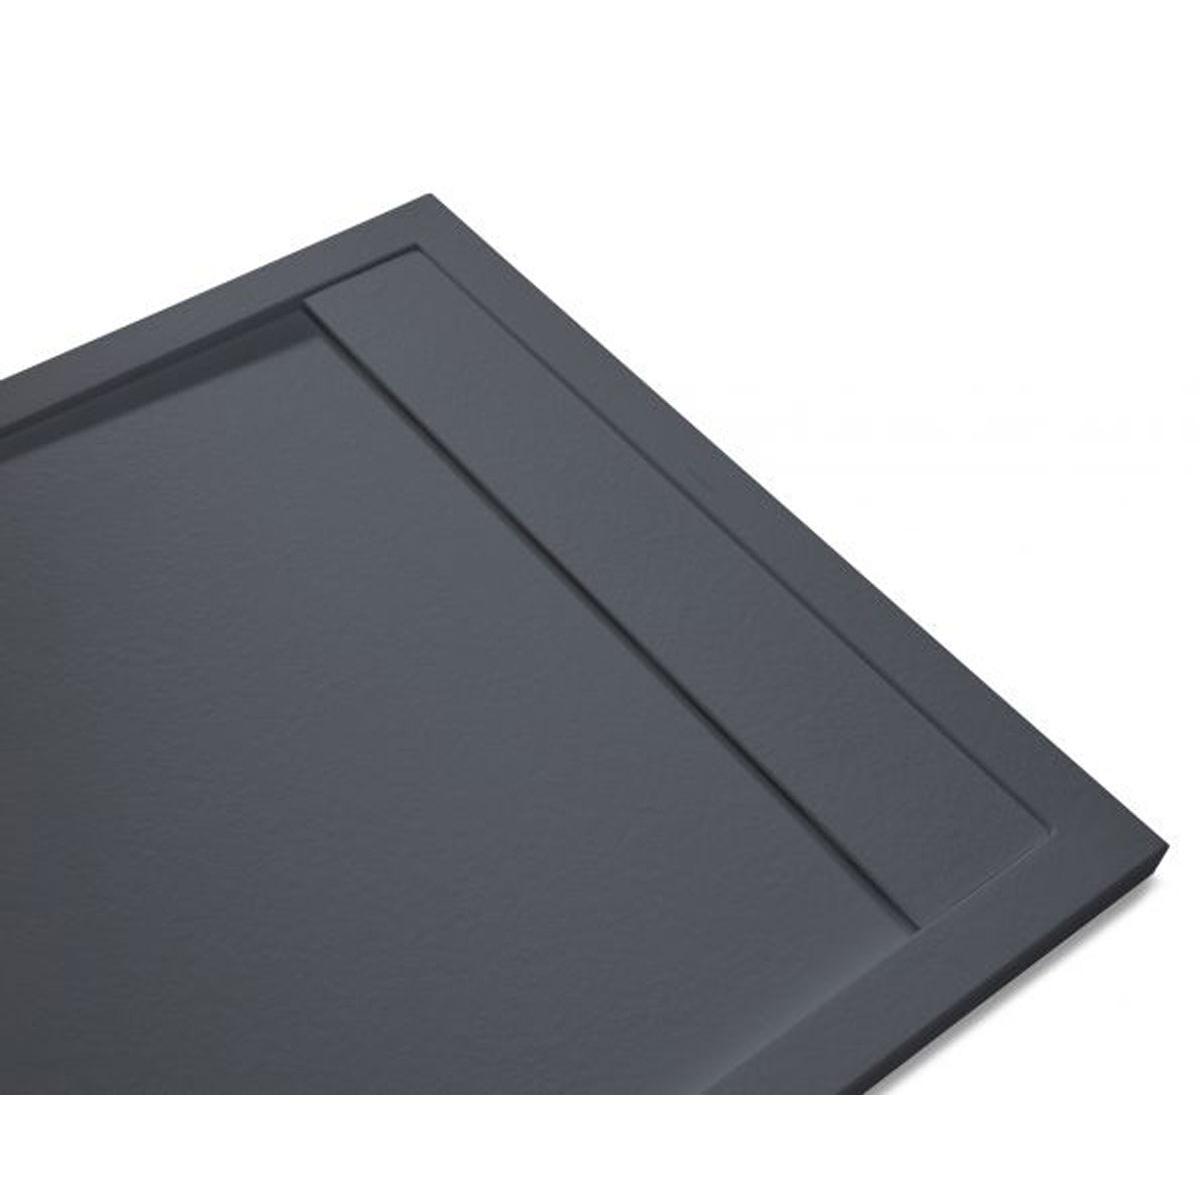 Plato de ducha rectangular 100x80 Andrómeda Stone Cover Basalto